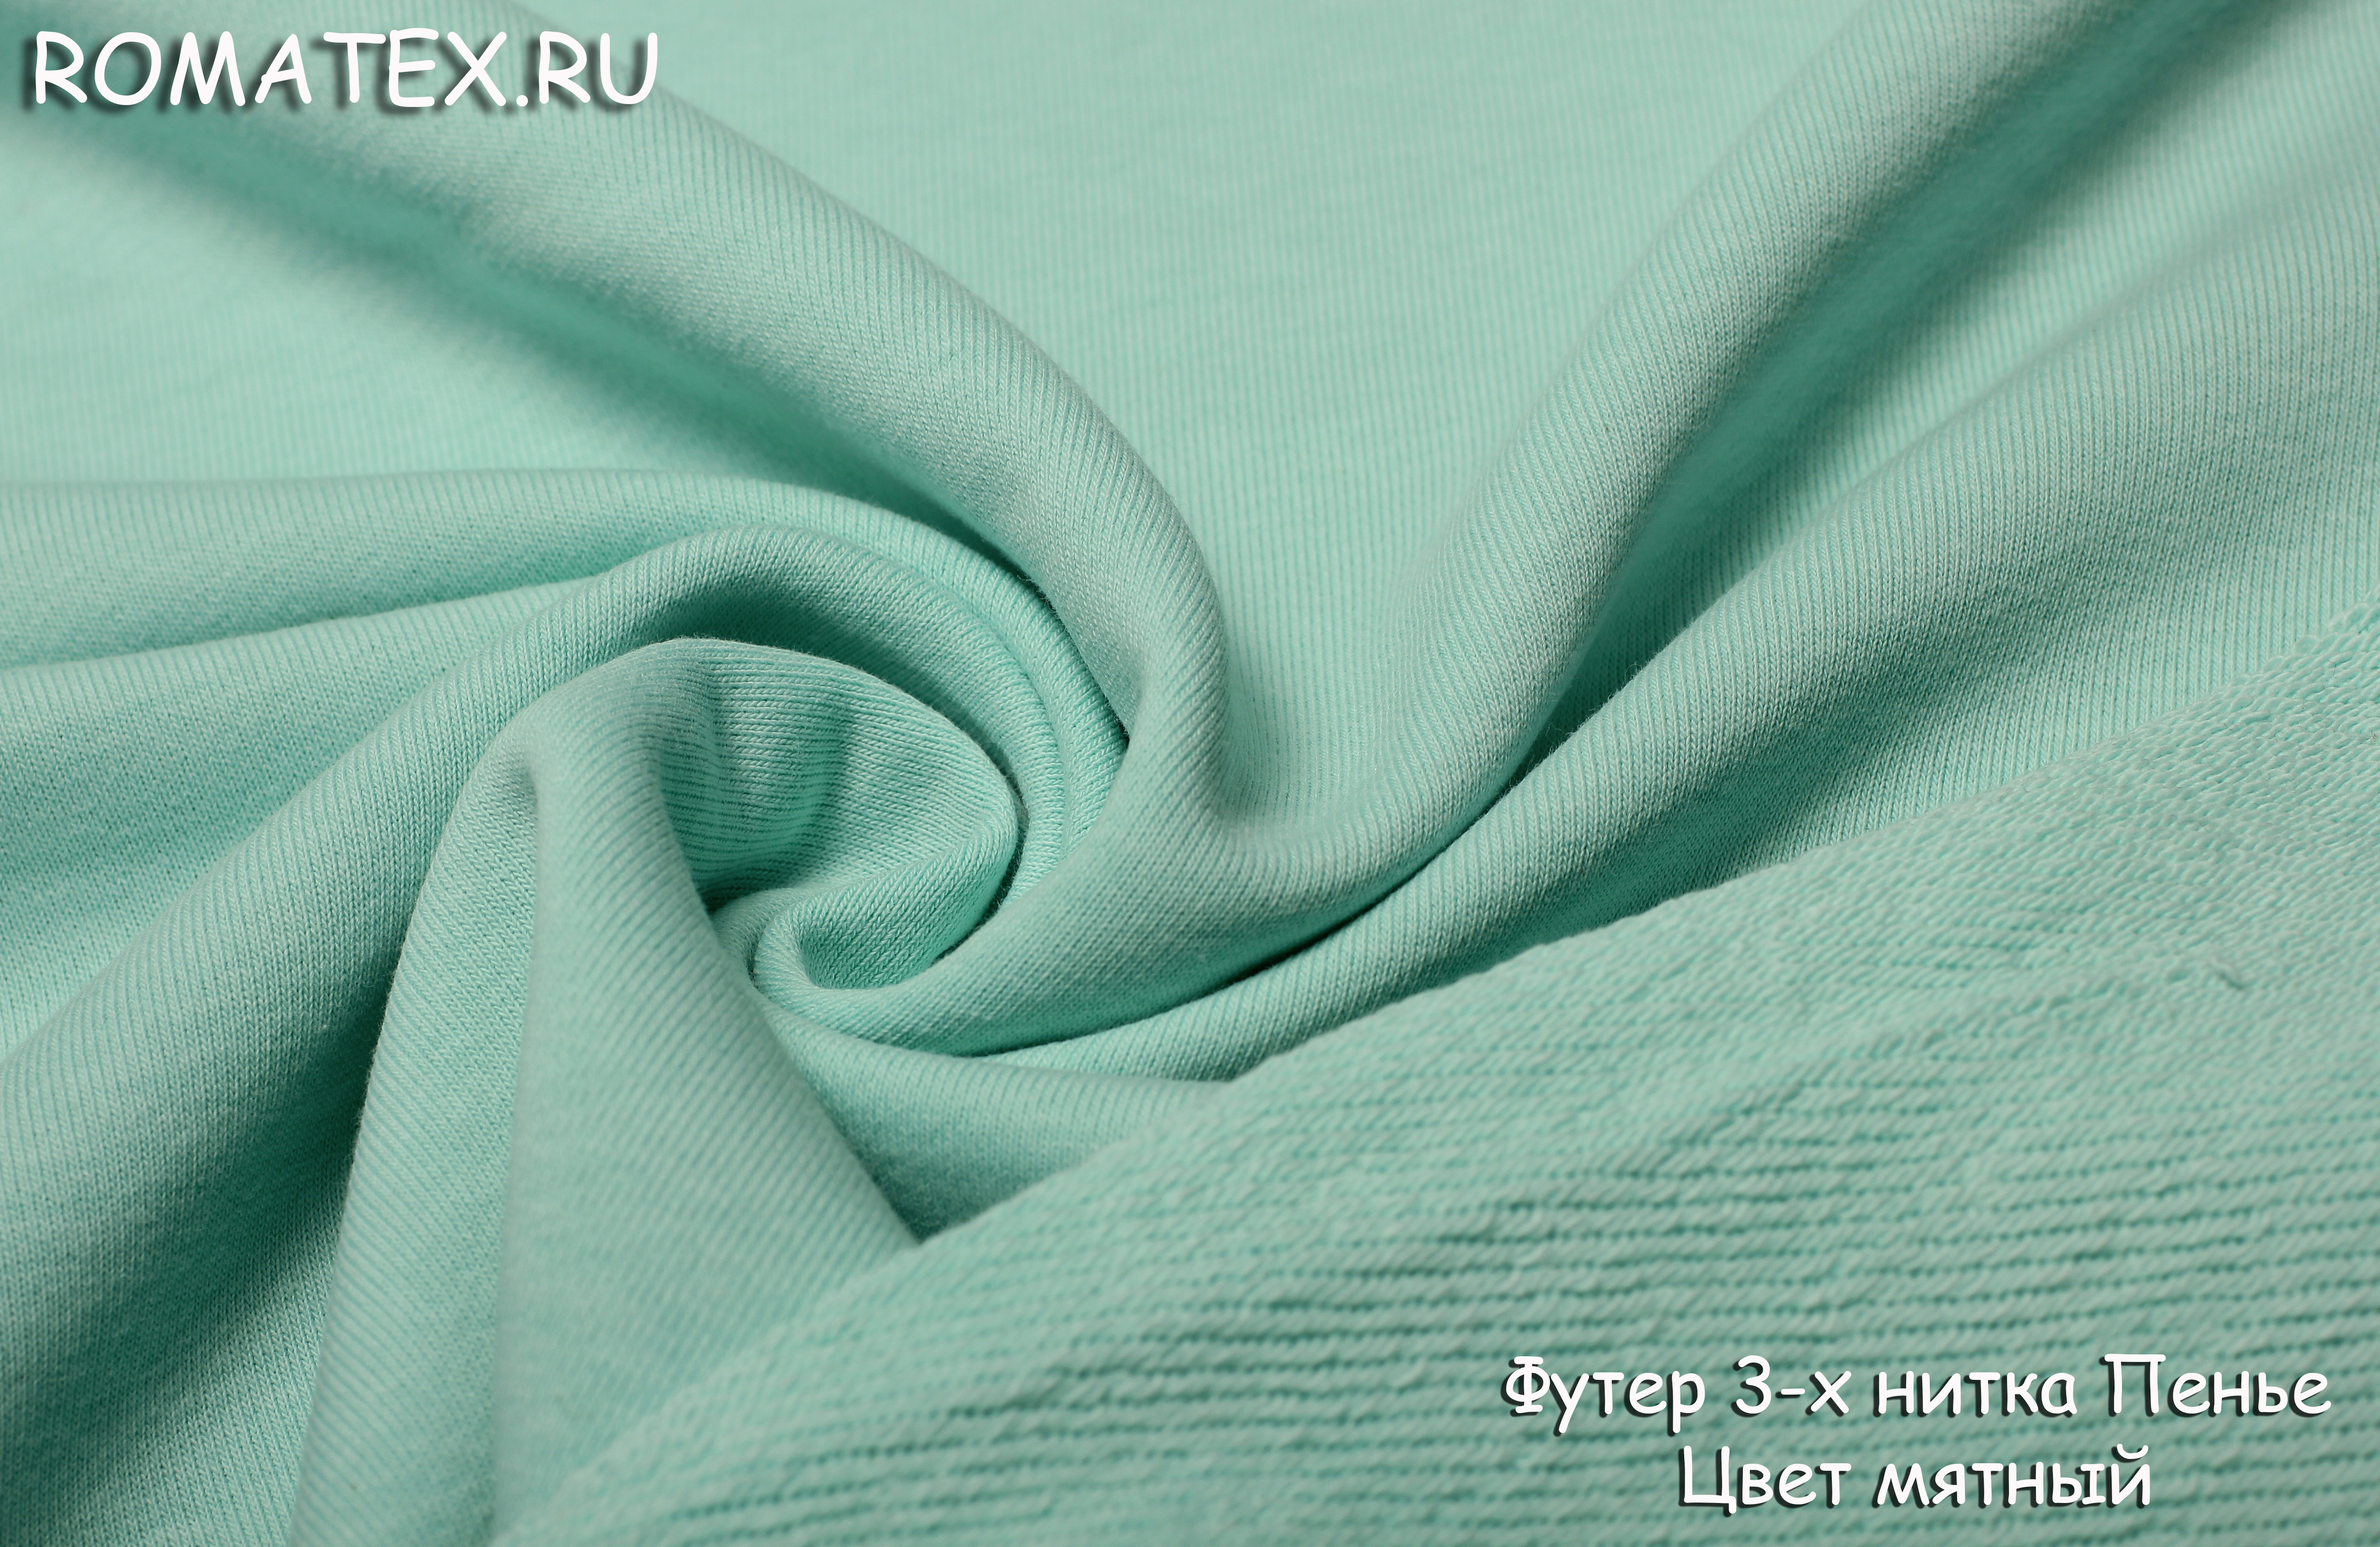 Футер 3-х нитка петля качество Пенье цвет мятный